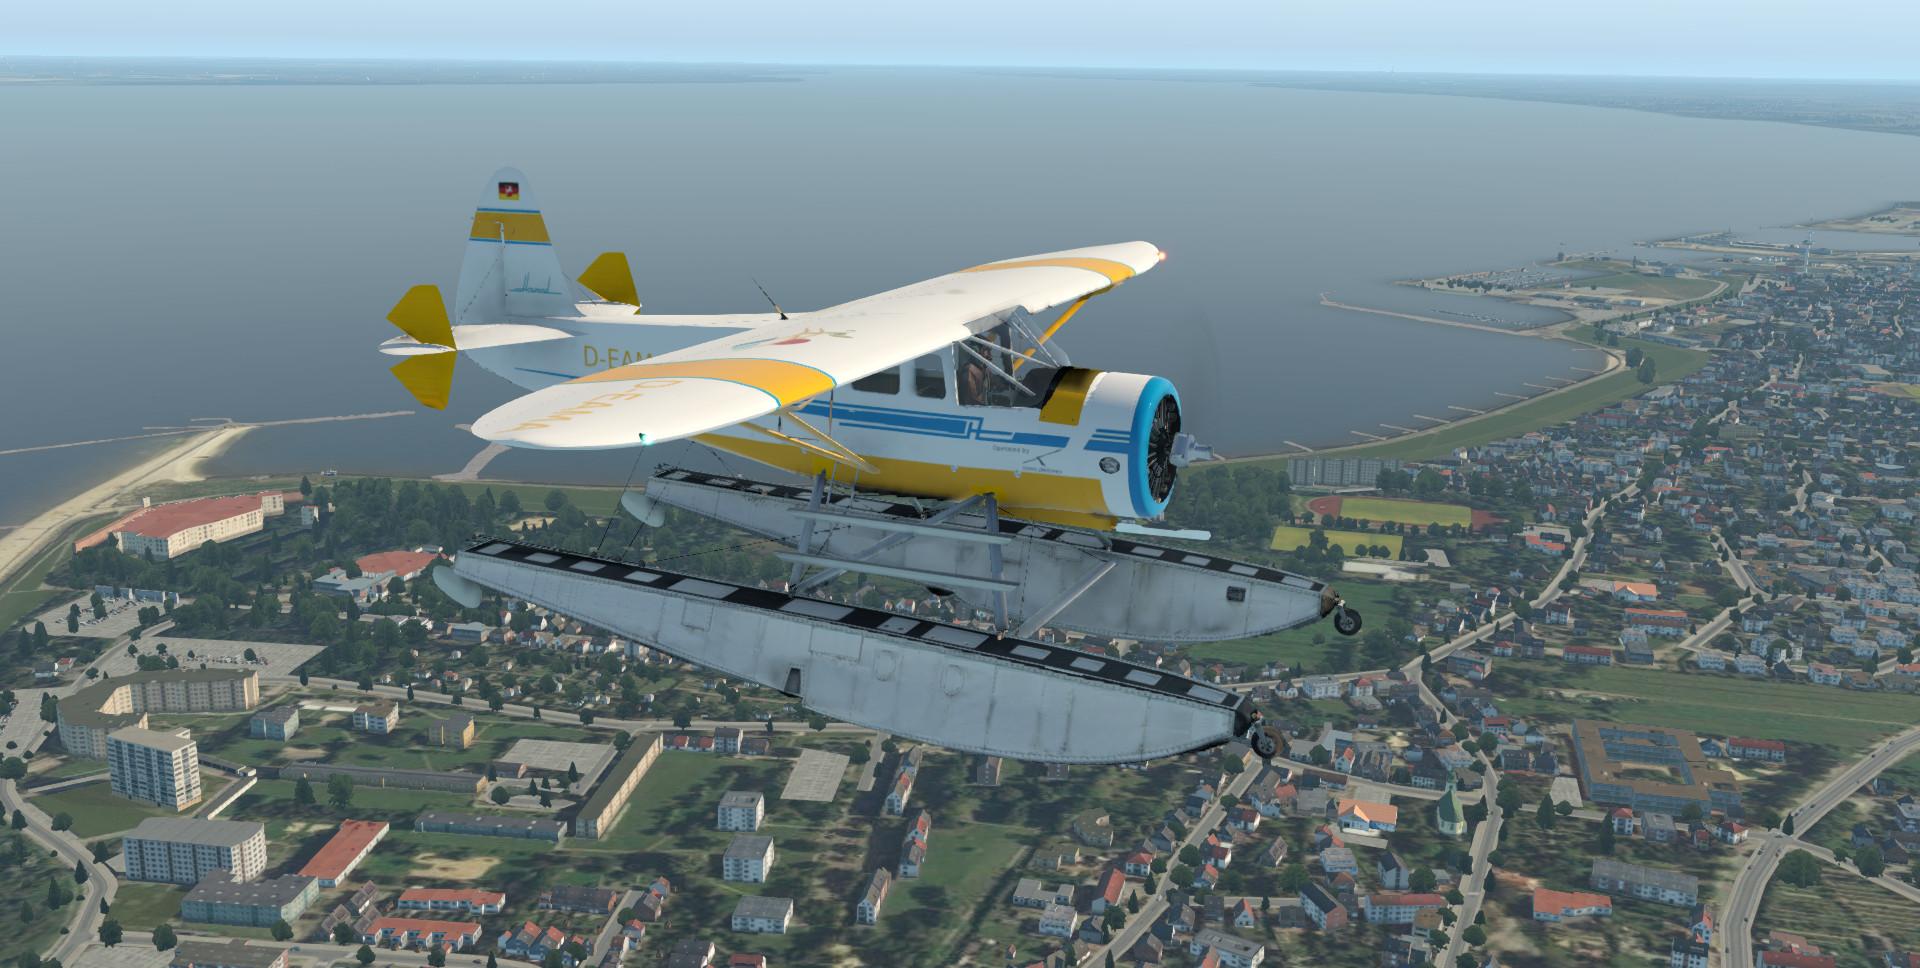 nordseerundflug-004vpkso.jpg